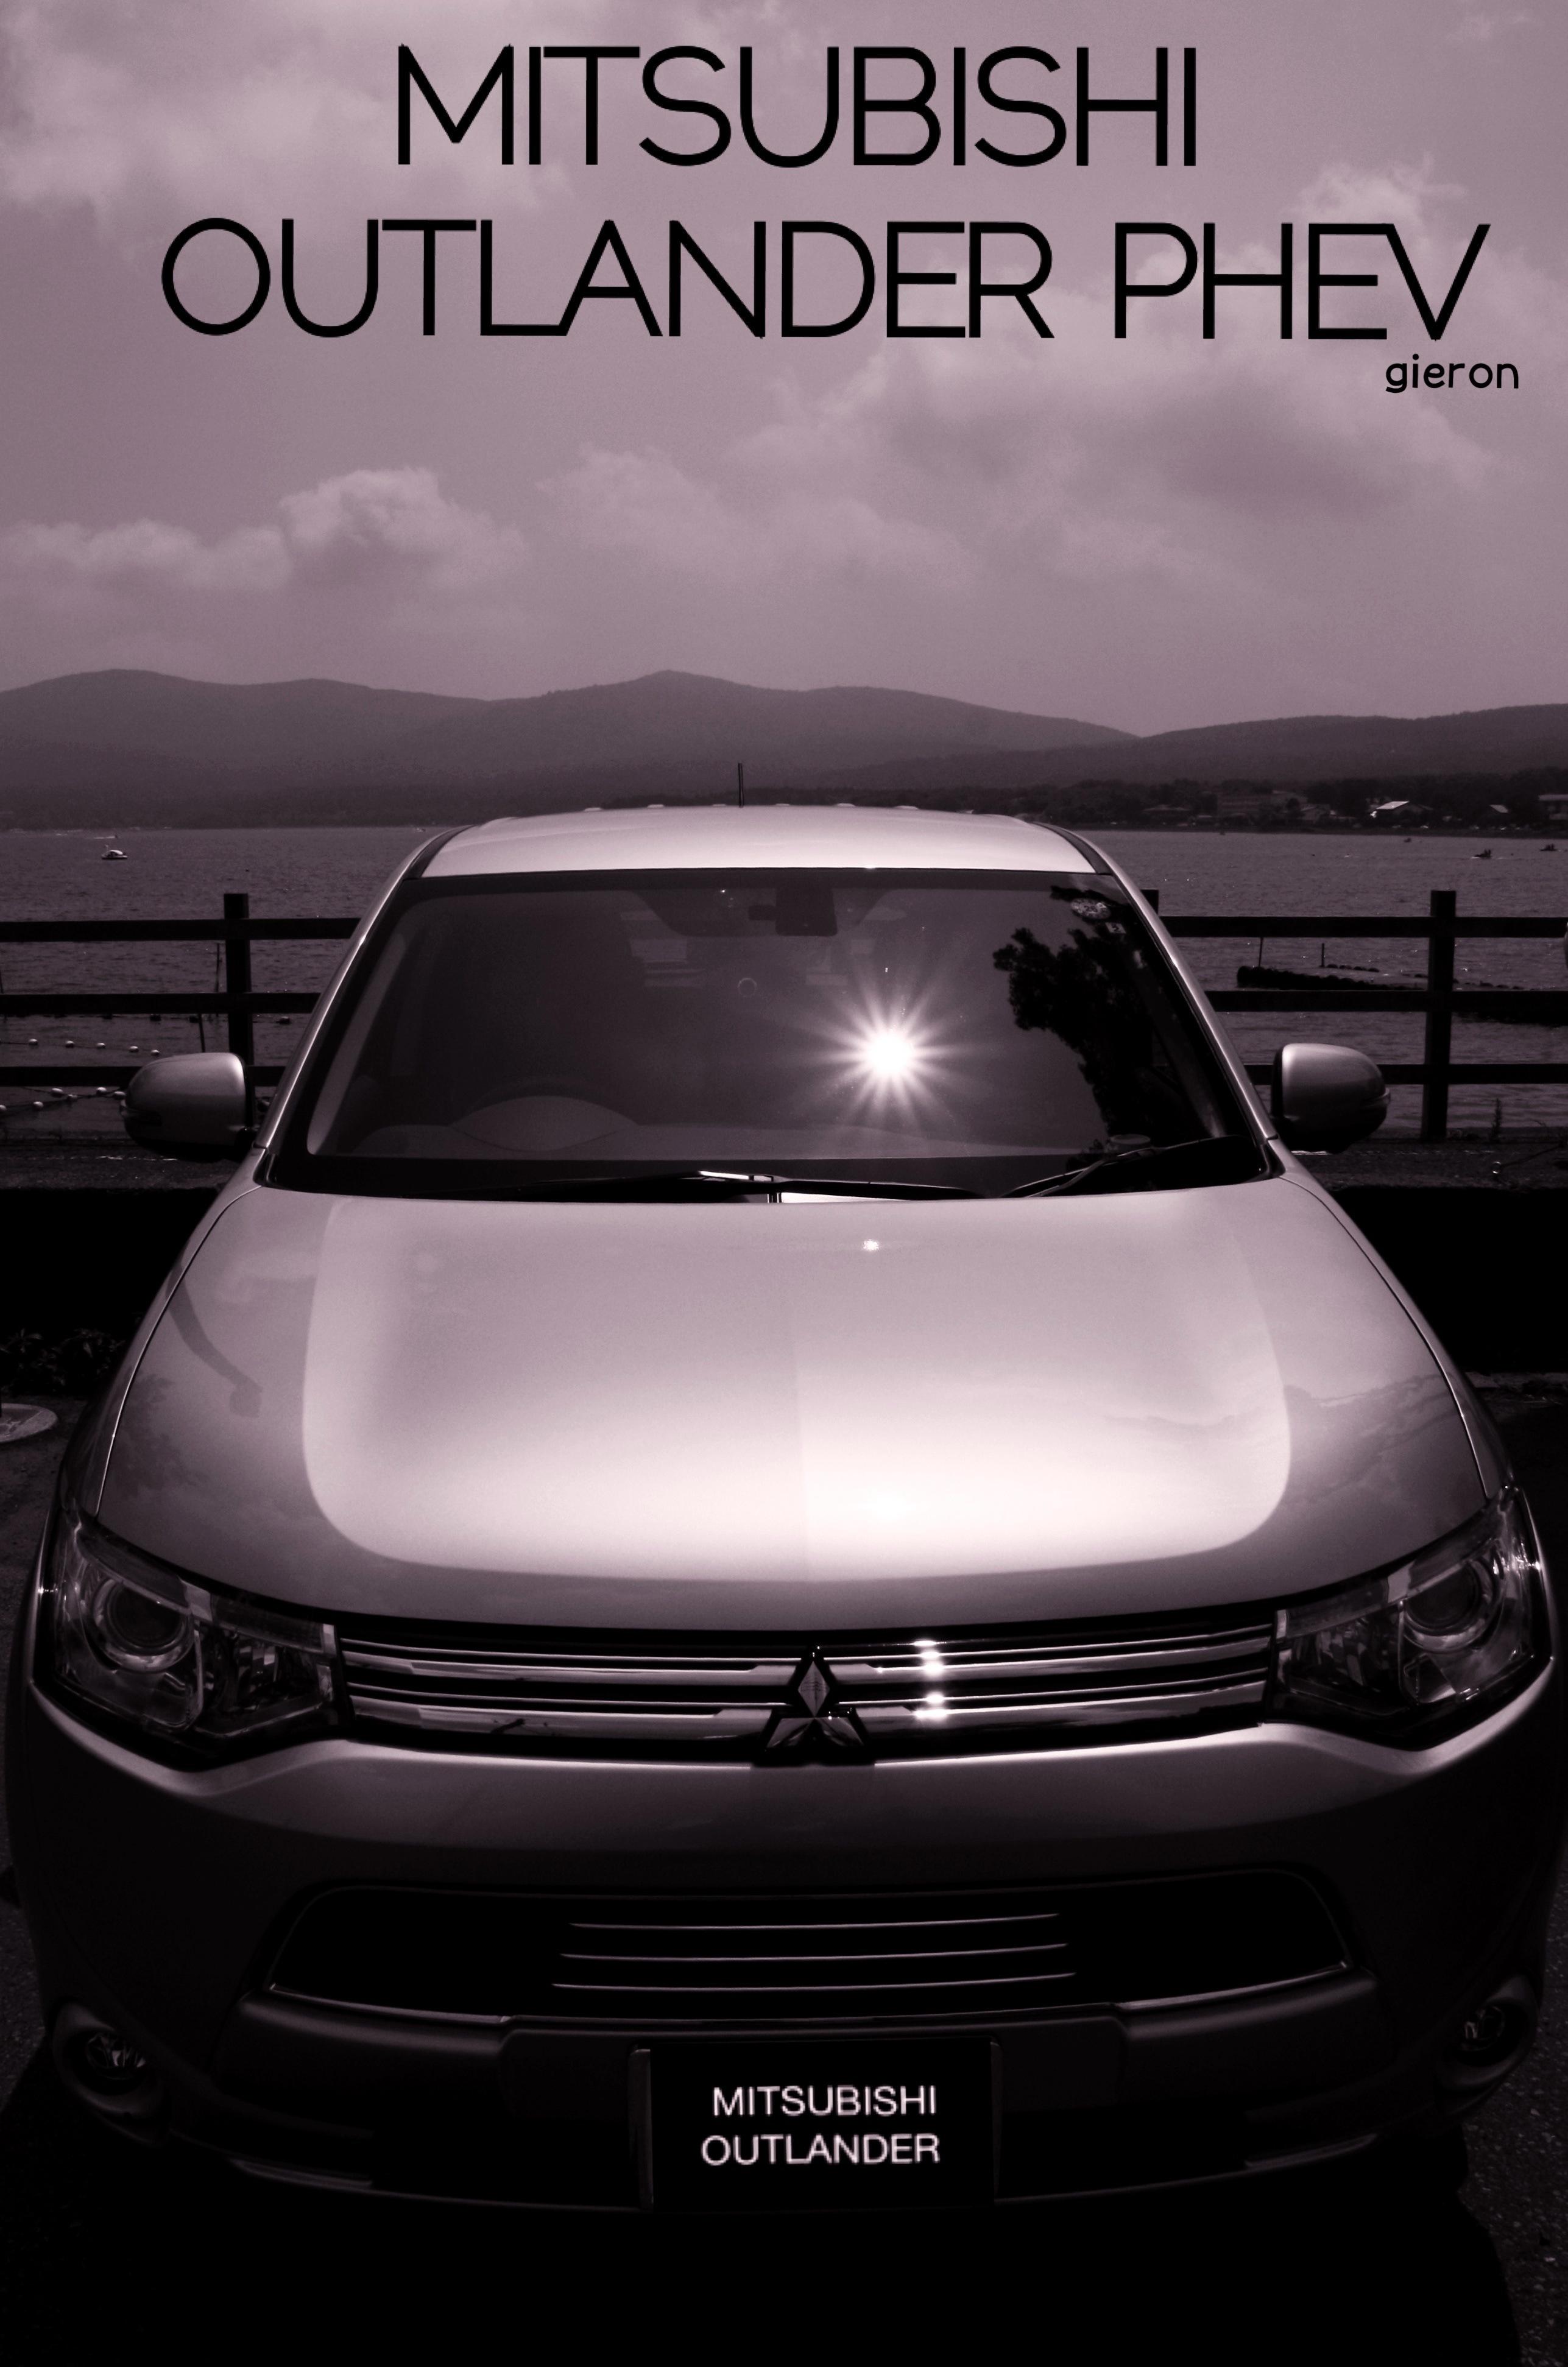 三菱アウトランダーPHEVブログ Mitsubishi Outlander phev blog